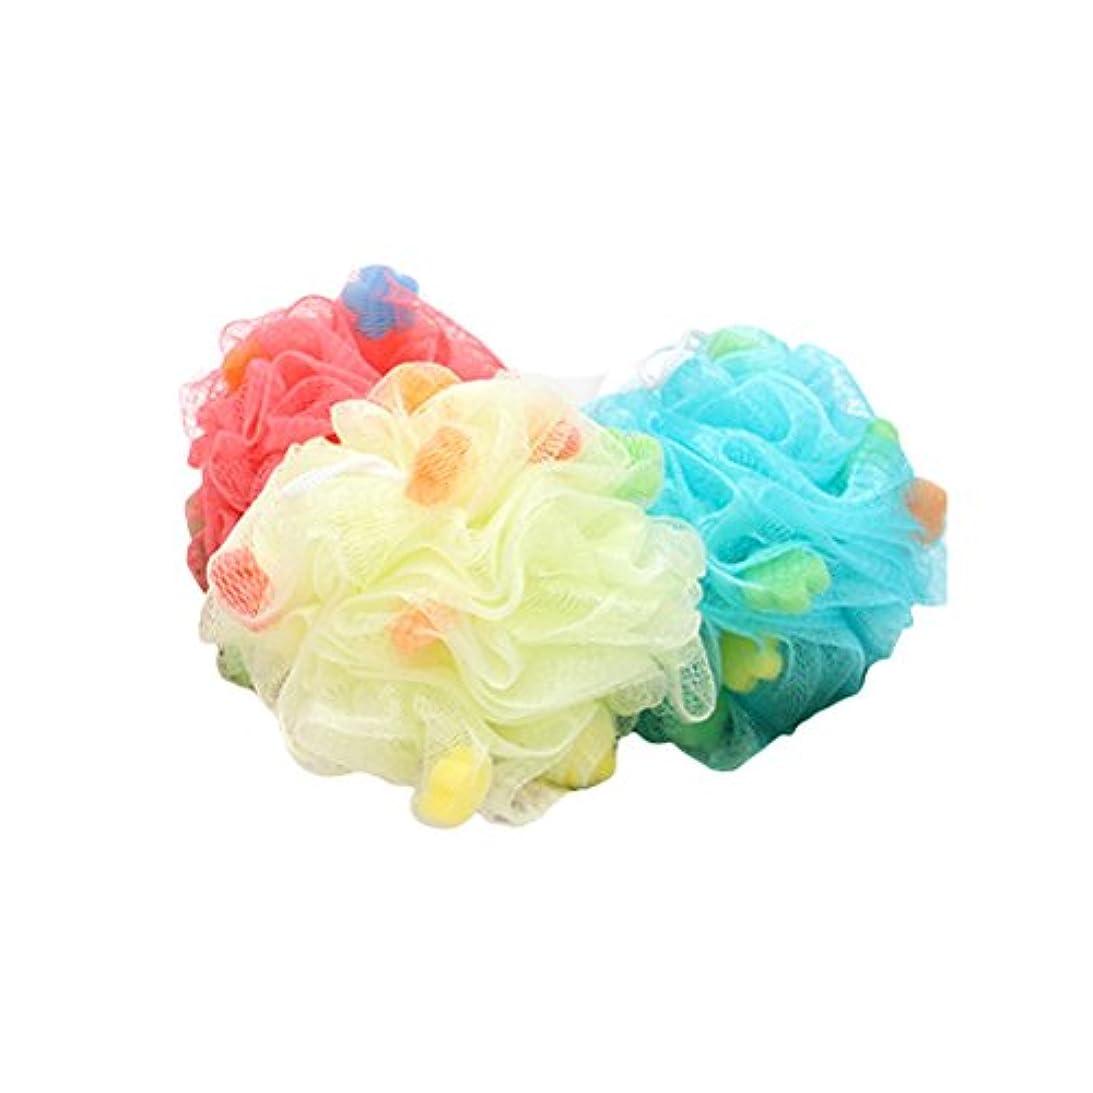 負荷教授委員長Healifty ボディースポンジ 泡立てネット フラワーボール シャワー用 バス用品 背中も洗える メッシュ ボディ洗い 泡肌美人(ランダム色)3個